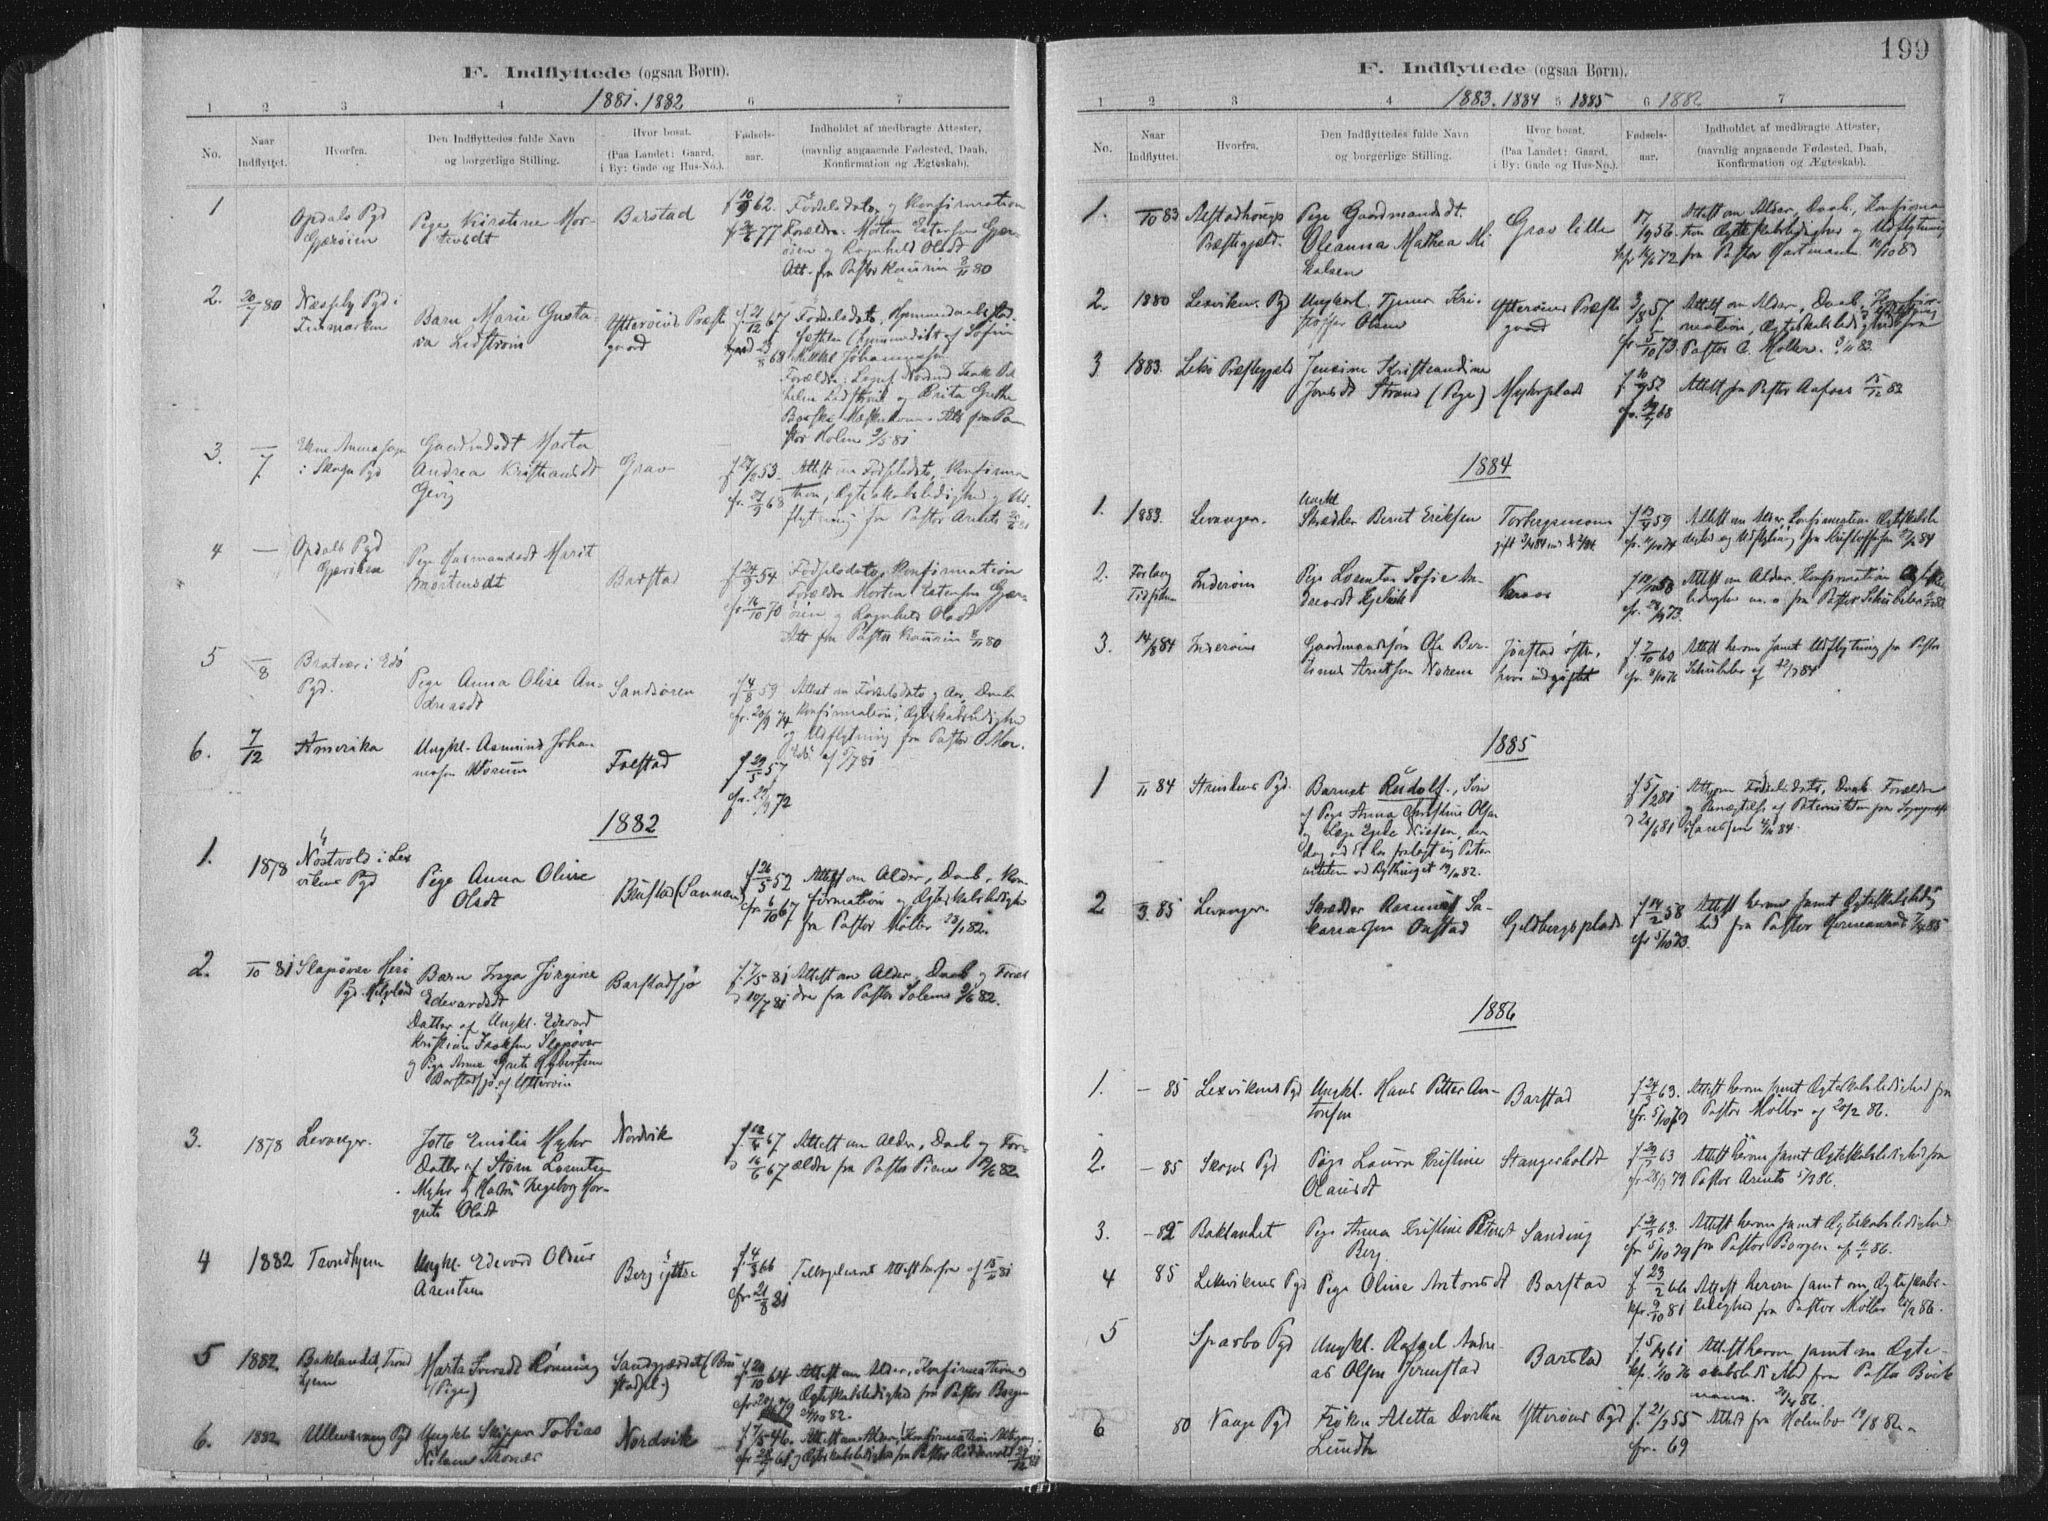 SAT, Ministerialprotokoller, klokkerbøker og fødselsregistre - Nord-Trøndelag, 722/L0220: Ministerialbok nr. 722A07, 1881-1908, s. 199